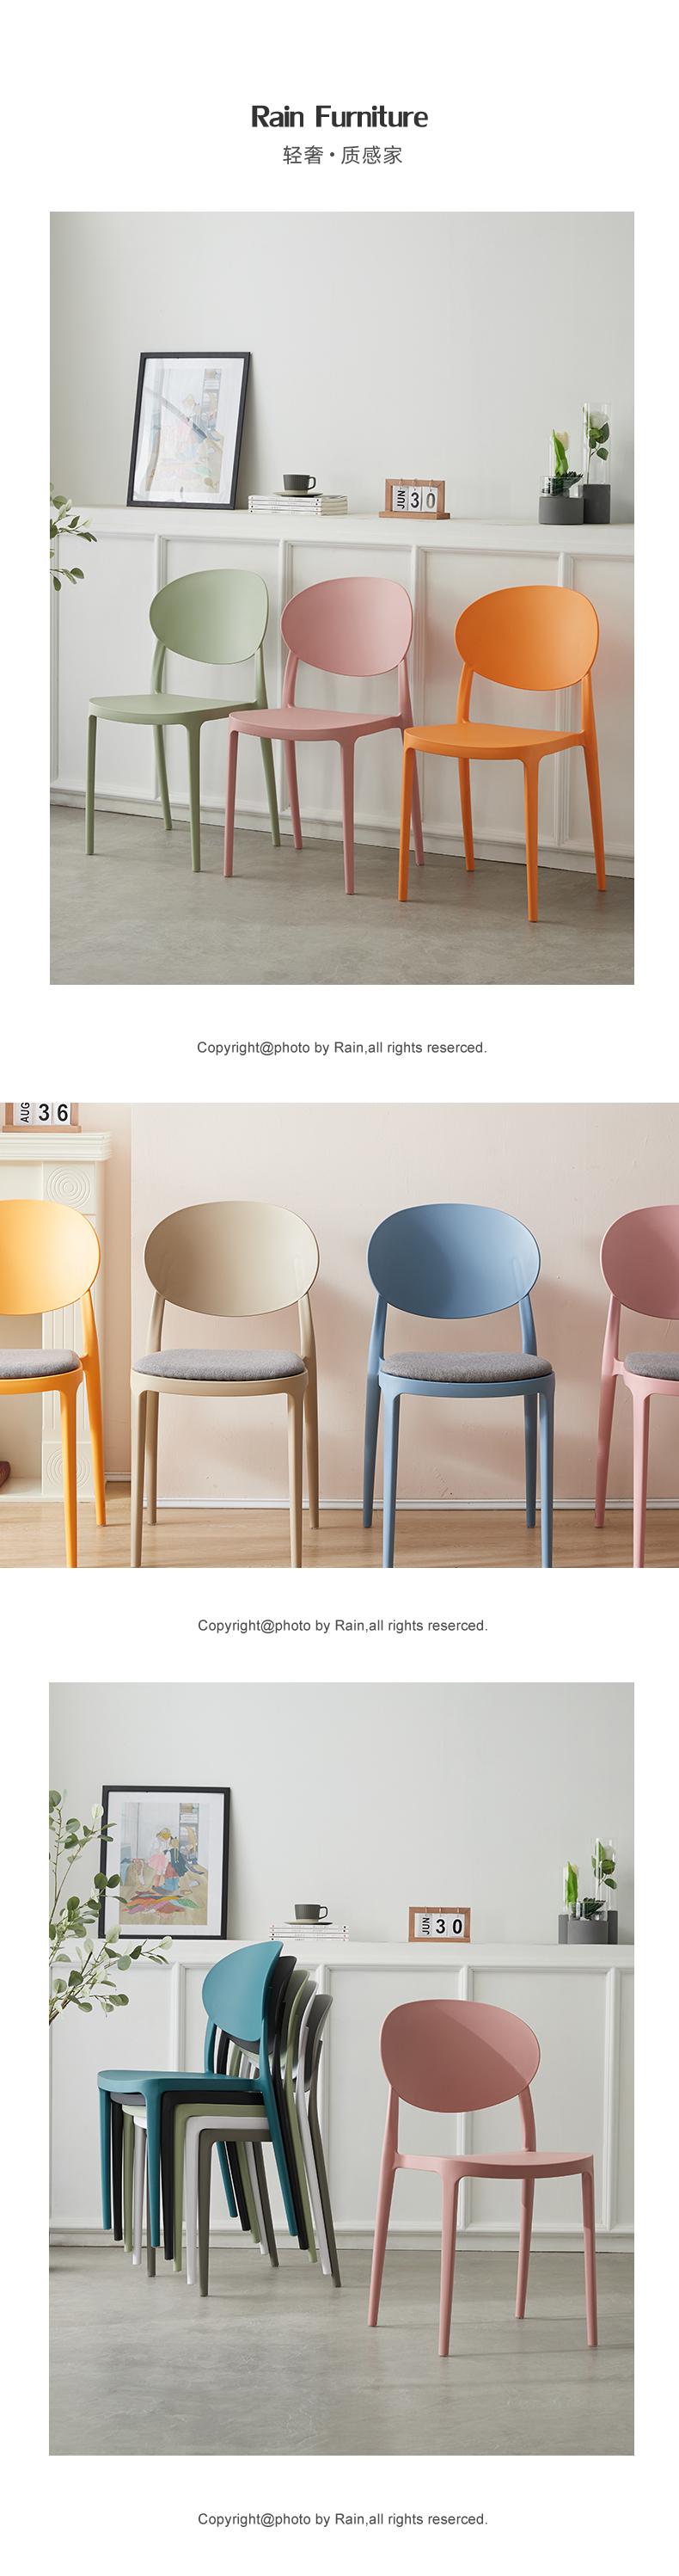 北欧塑料椅子成人加厚凳子靠背椅现代简约网红休閒书桌椅家用餐椅详细照片